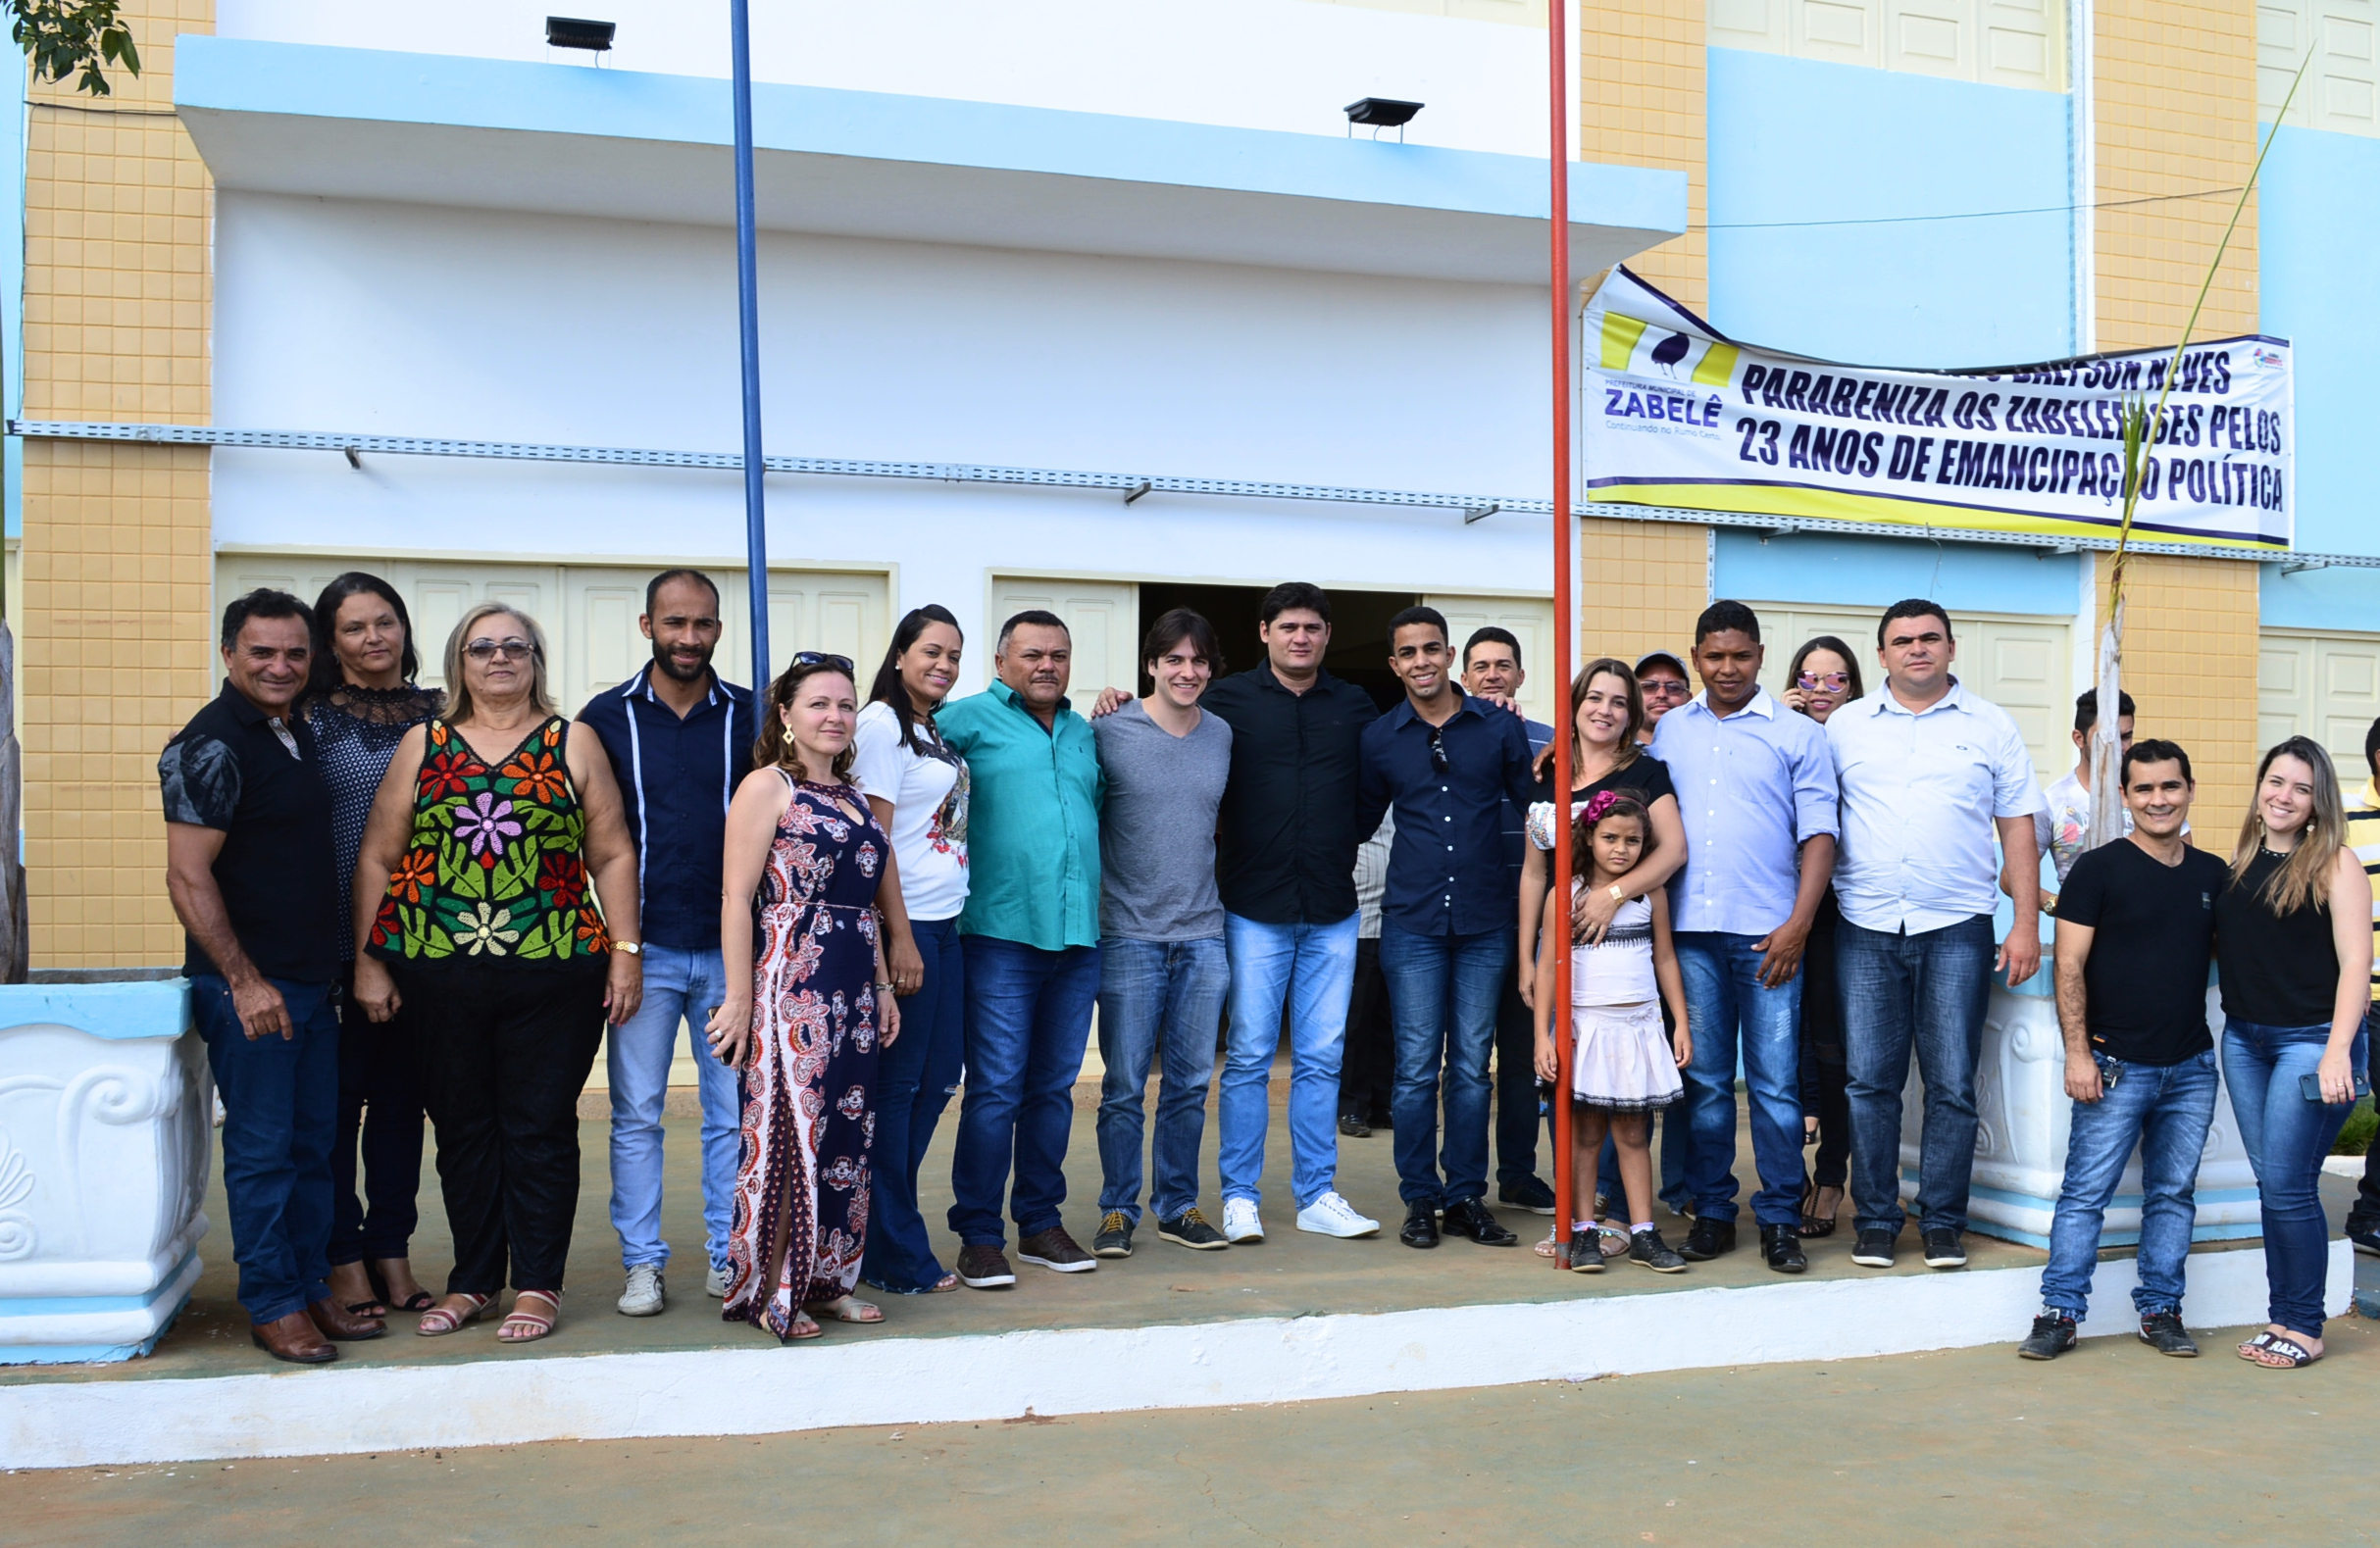 DSC_0114_Fotor-300x195 Deputado Pedro Cunha é recebido com festa pelo prefeito Dalyson Neves e carinho do povo